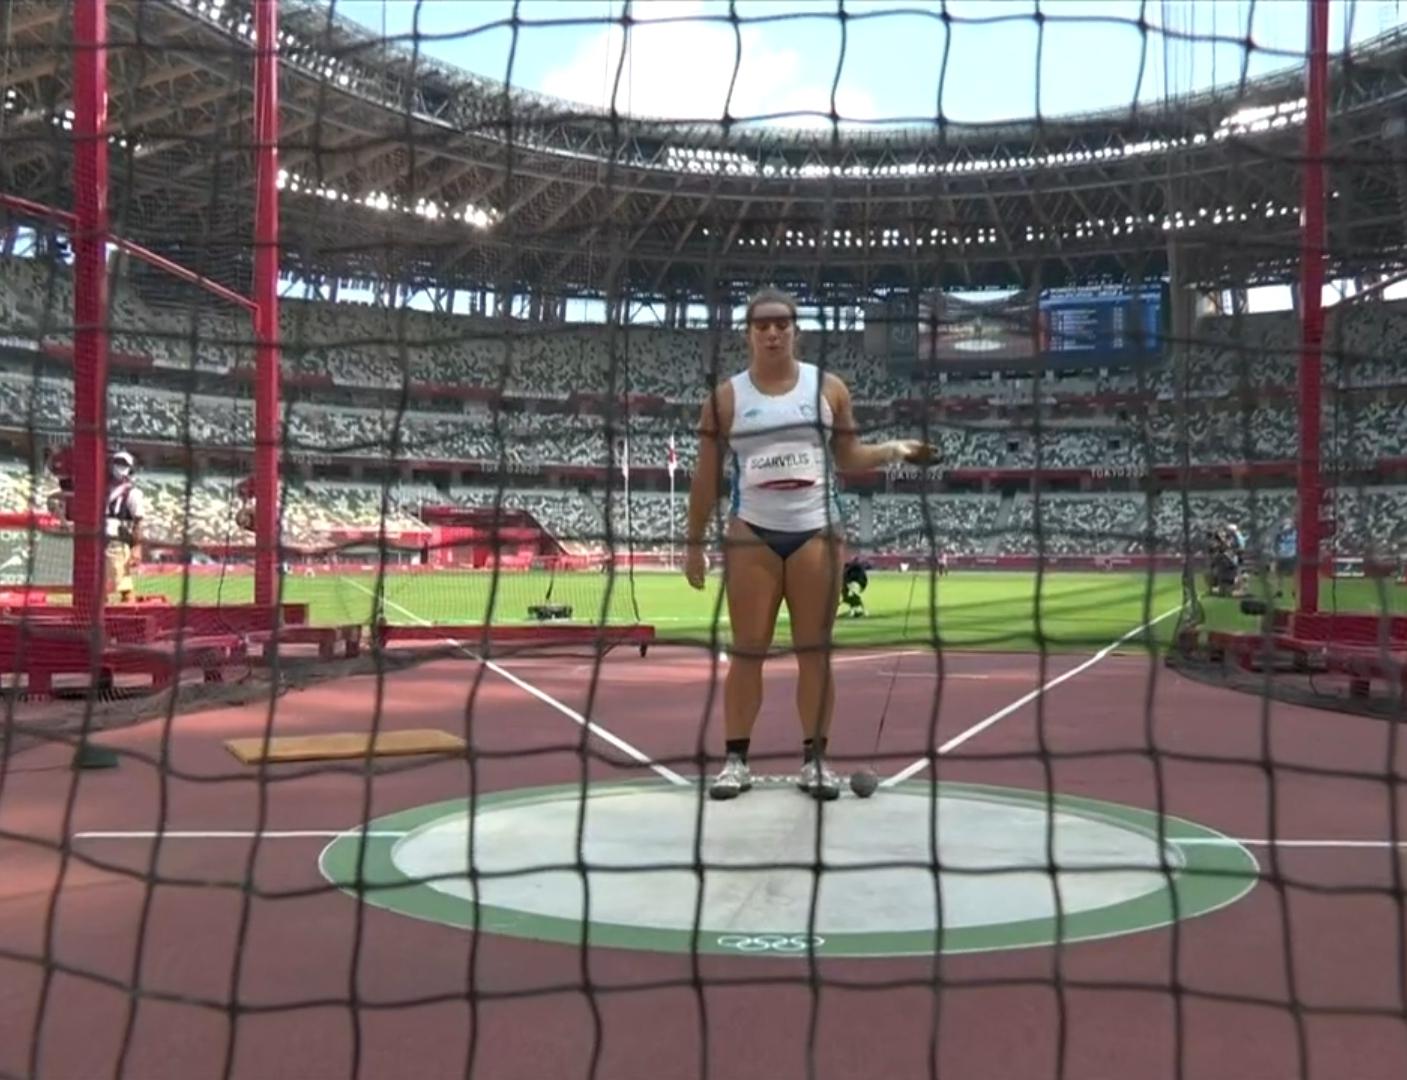 Ολυμπιακοί Αγώνες: Σταθερή Σκαρβέλη με 69,01μ. στον προκριματικό της σφυροβολίας